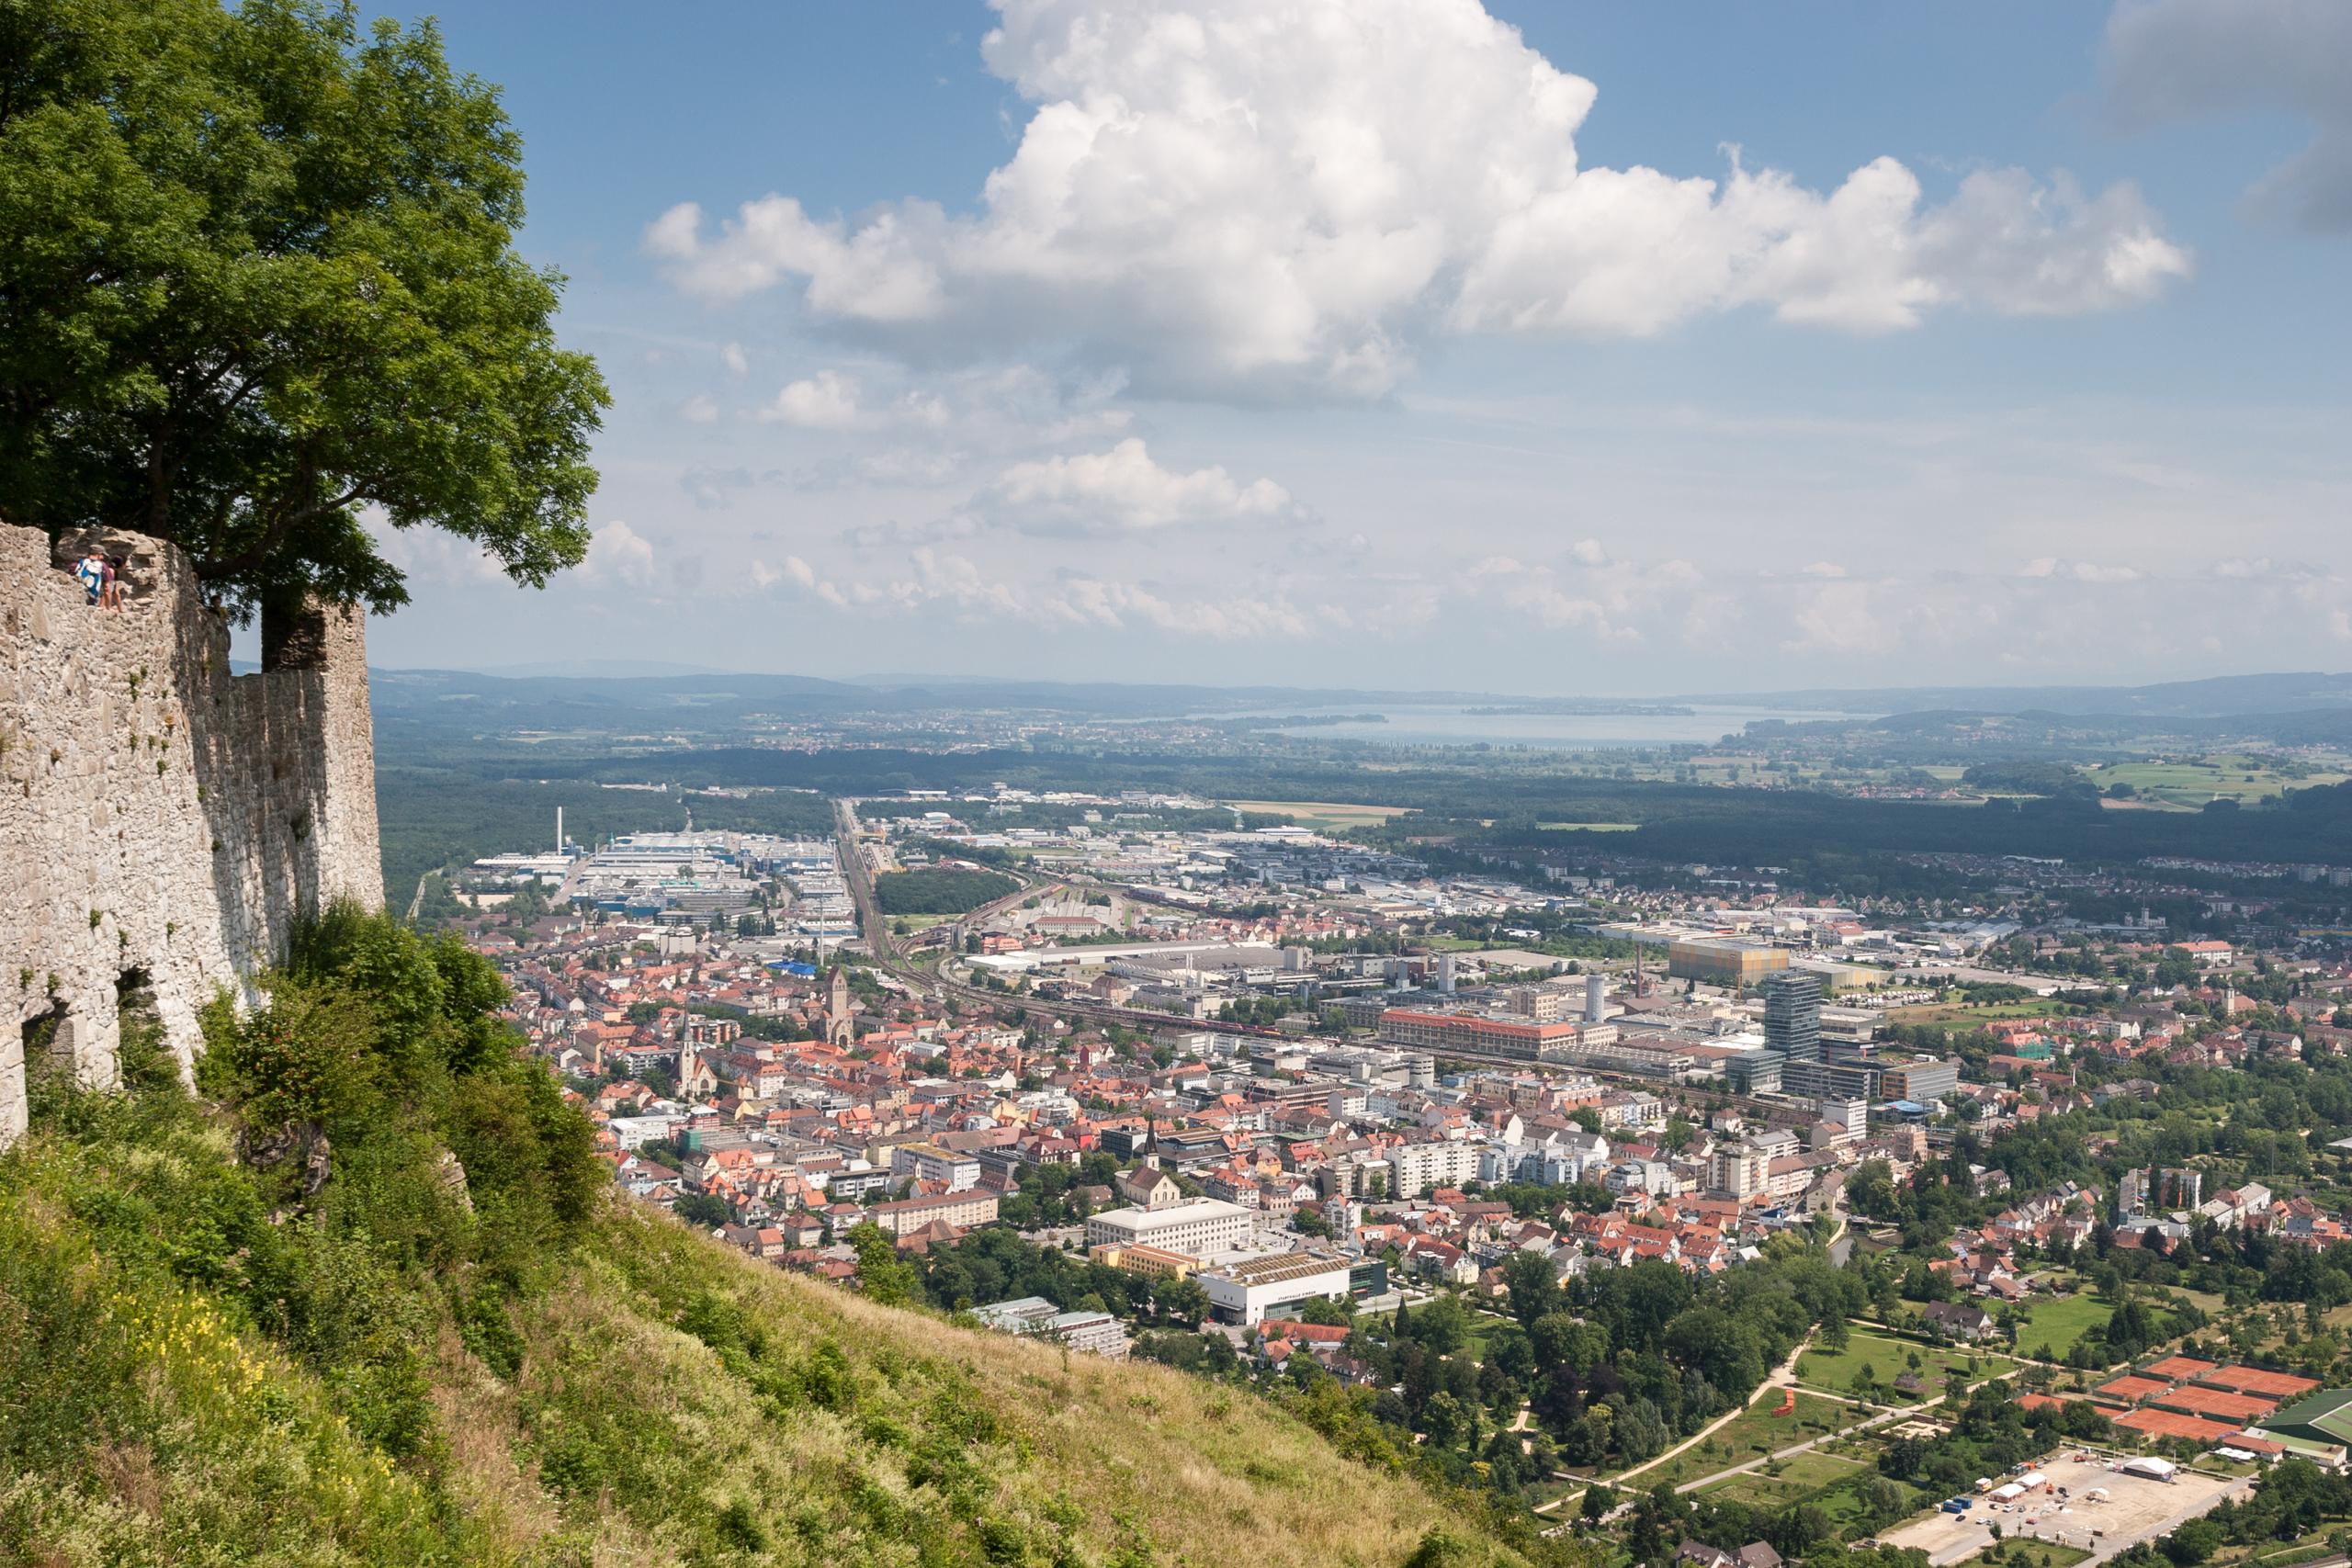 Blick vom Hohentwiel auf Singen IMG 8816.jpg